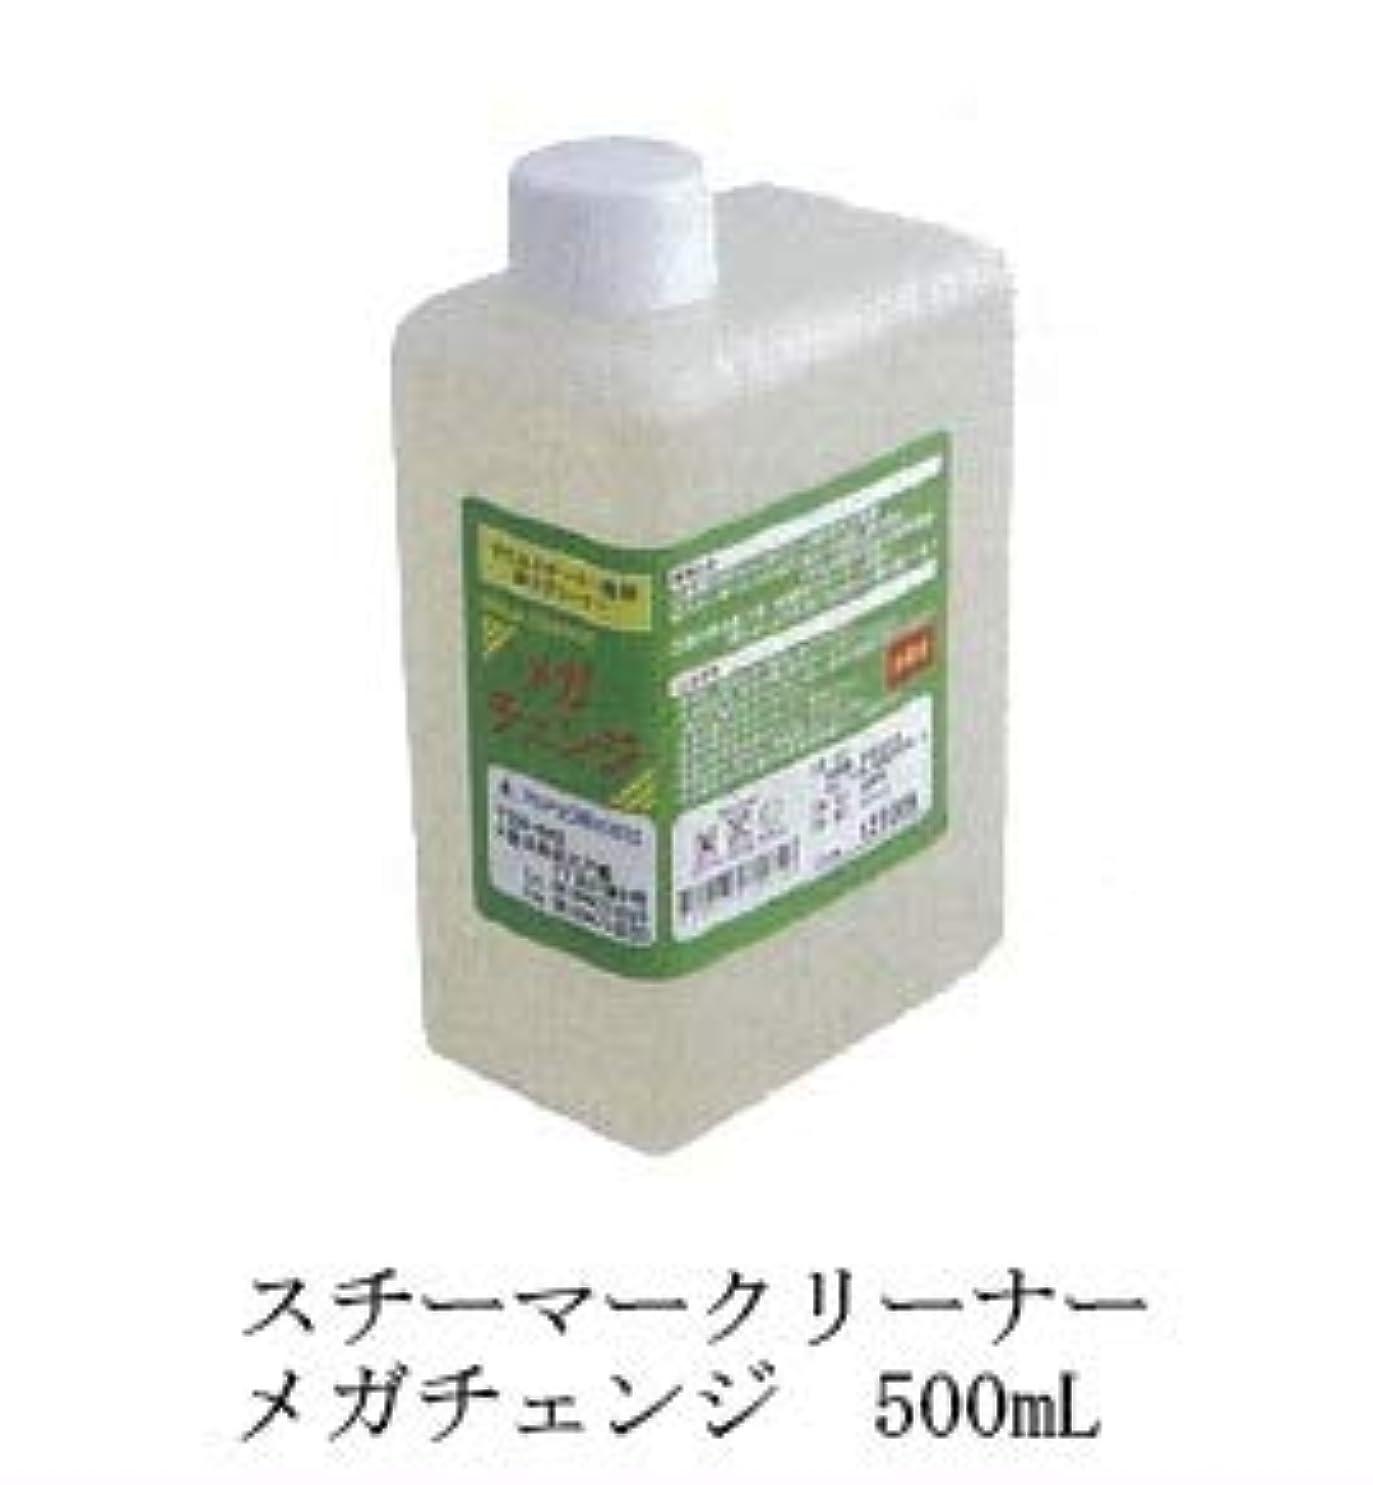 スリッパ集める部屋を掃除するメガチェンジ 500ml